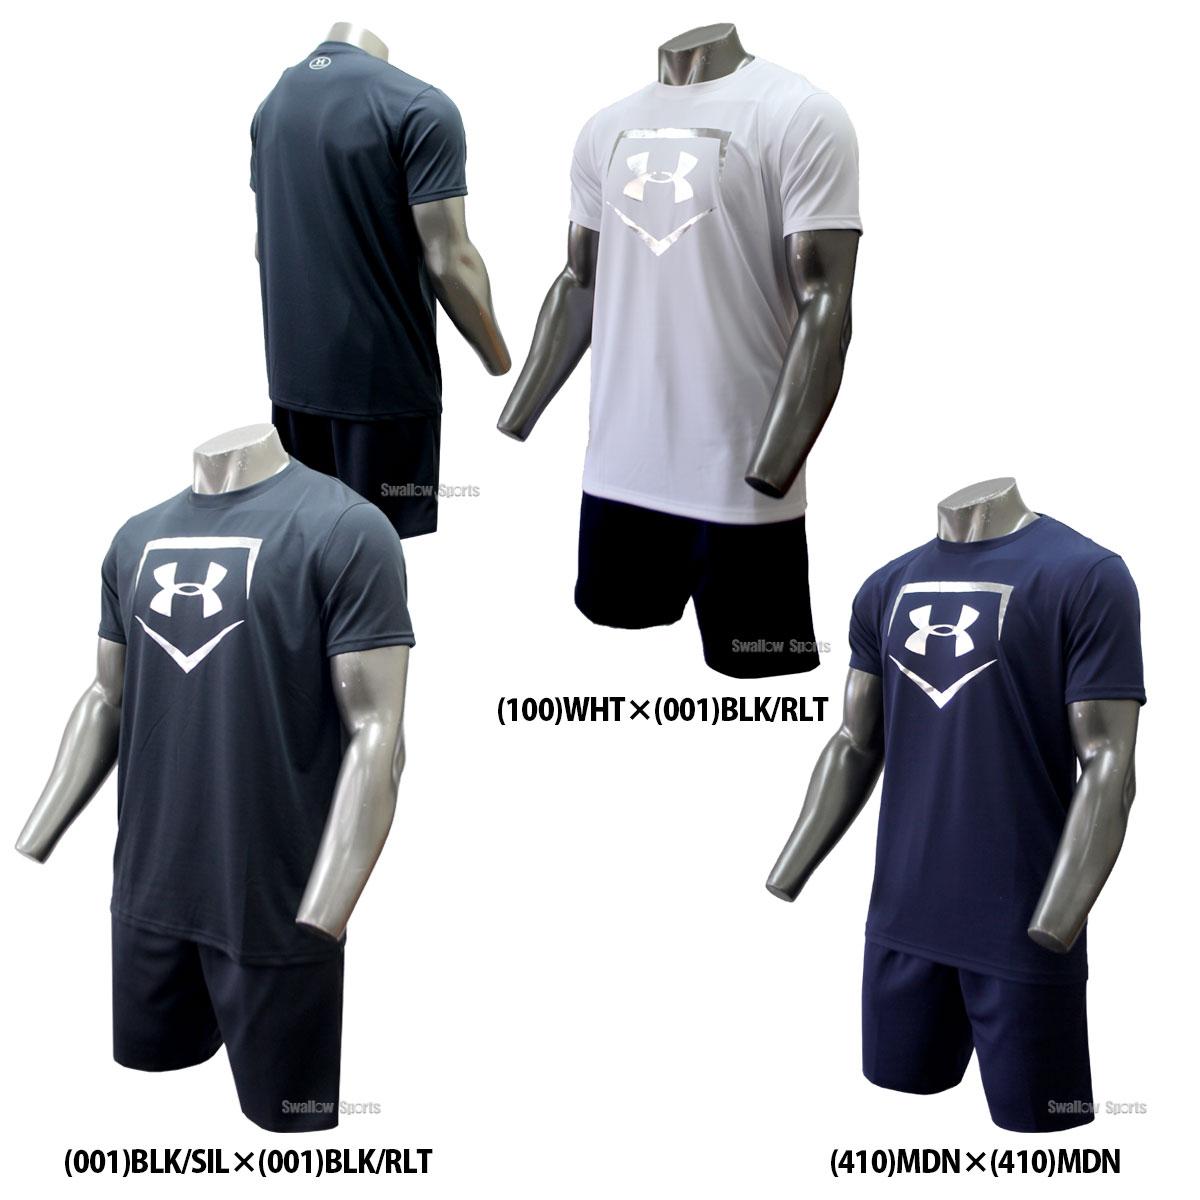 【あす楽対応】 送料無料 アンダーアーマー UA ウェア ヒートギア Tシャツ ベースボールロゴ ハーフパンツ 上下セット メンズ トレーニングウェア ジャージ セットアップ 1313588-1313589 ウェア ウエア ファッション 野球用品 スワロースポーツ